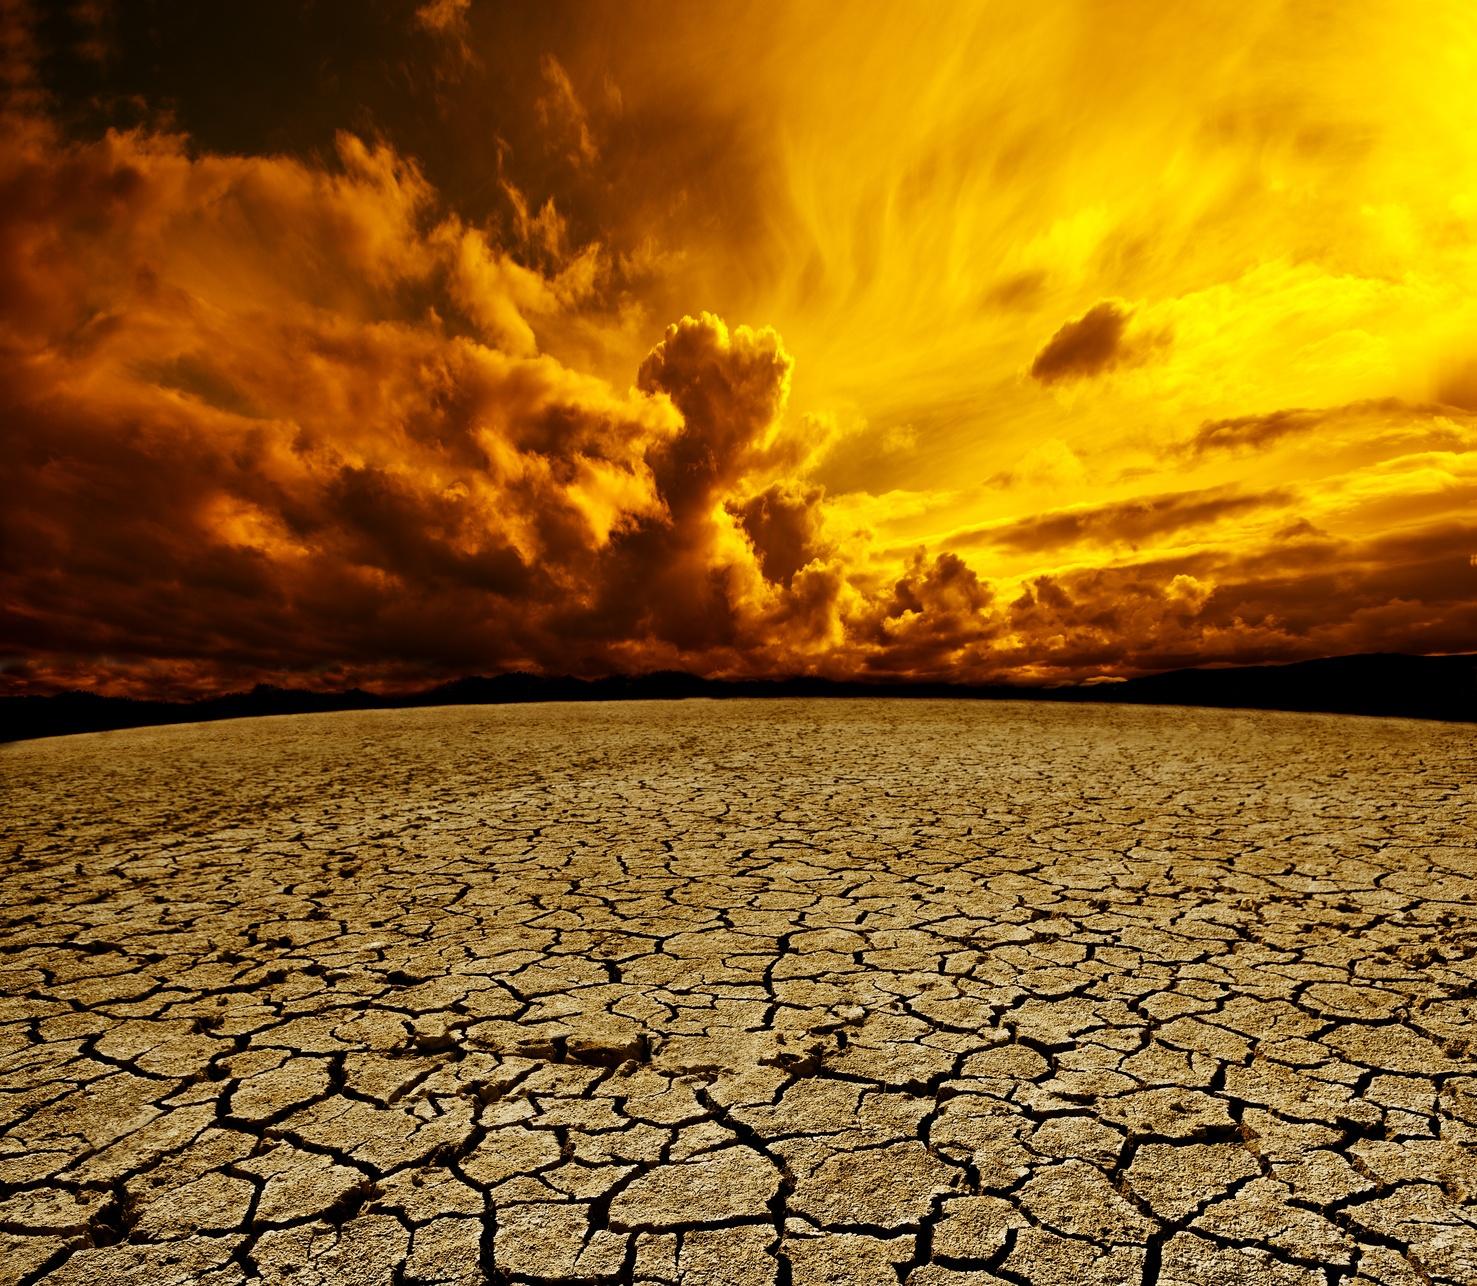 Parched_Desert